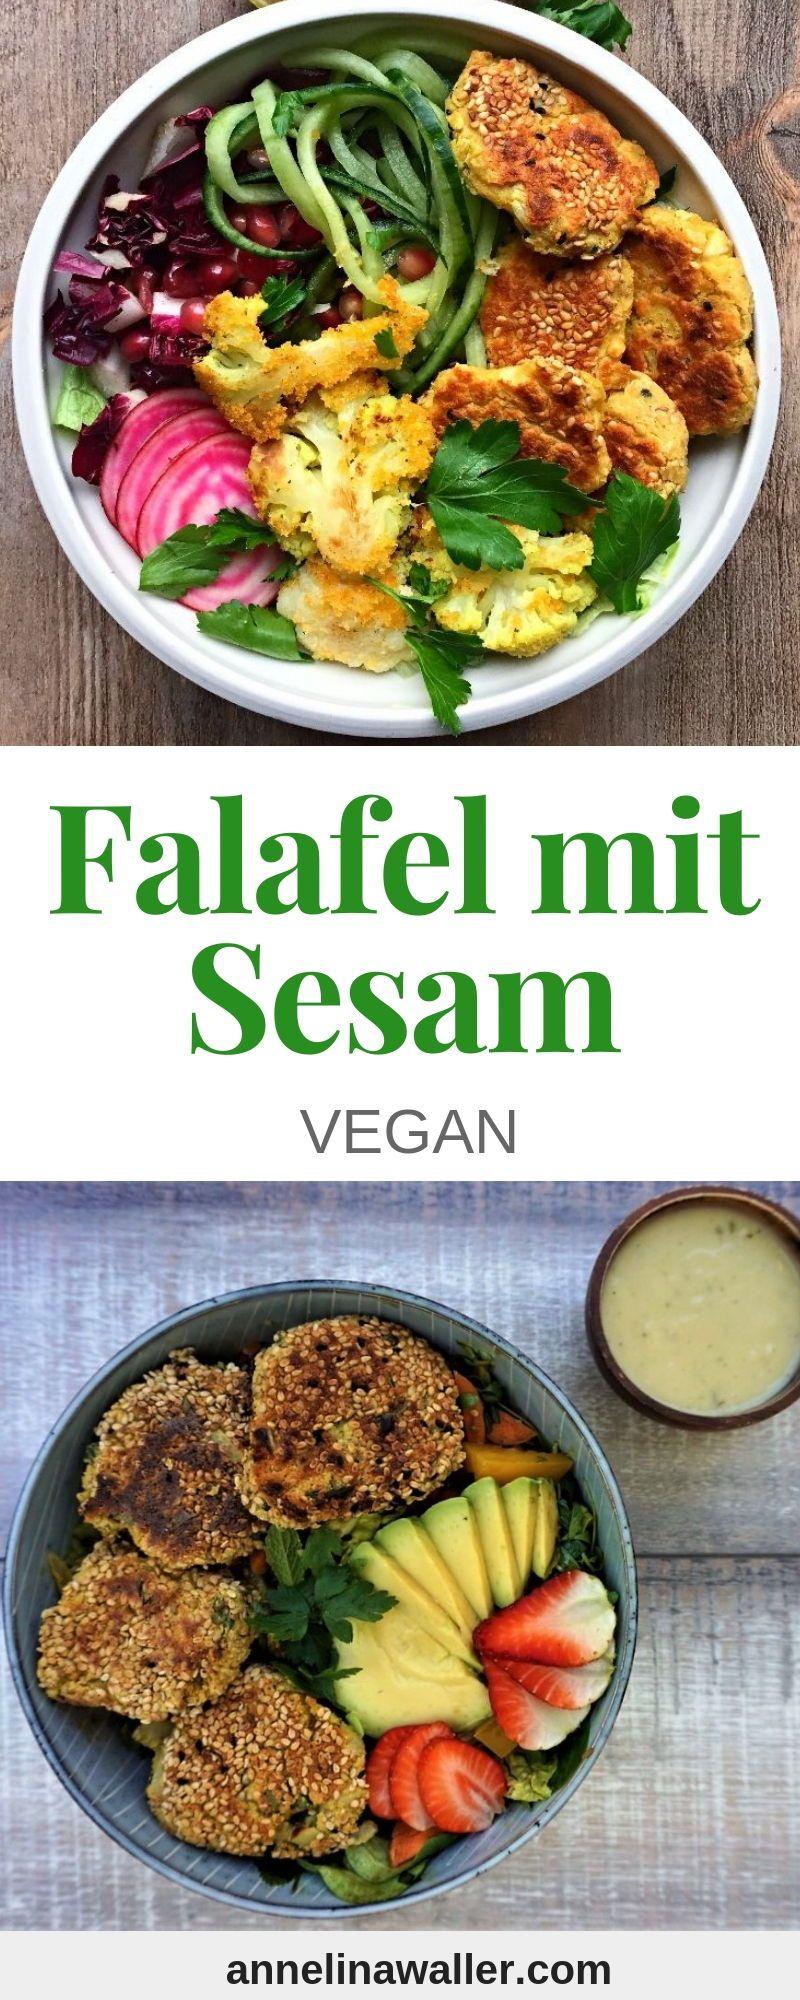 d6faee832737705e7020684fcb8714c8 - Vegane Rezepte Schnell